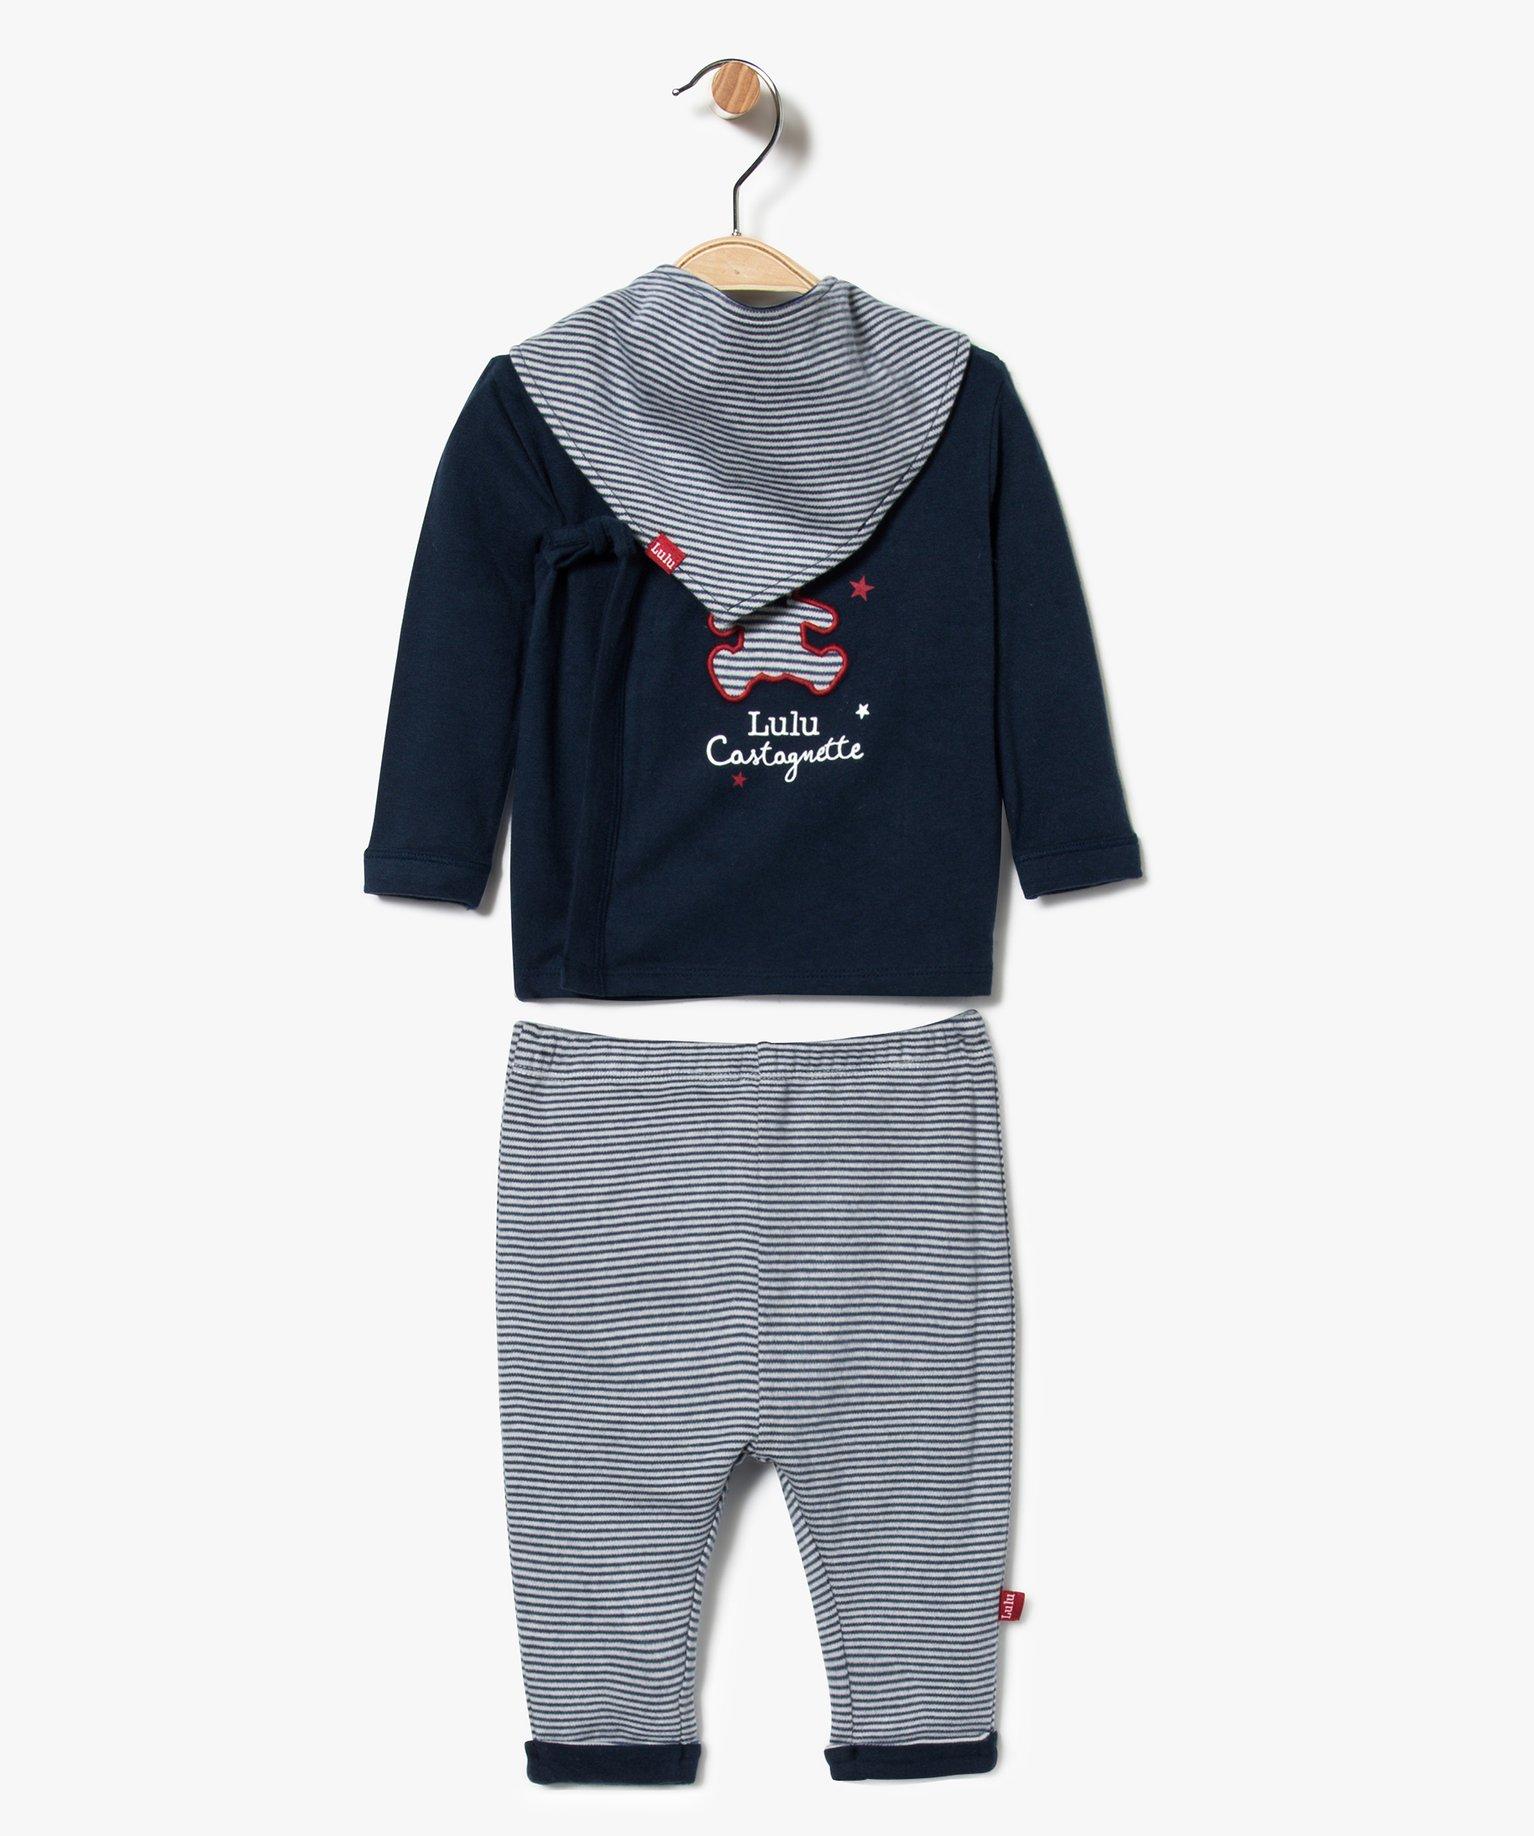 Pyjama bébé garçon 2 pièces avec foulard assorti - Lulu Castagnette